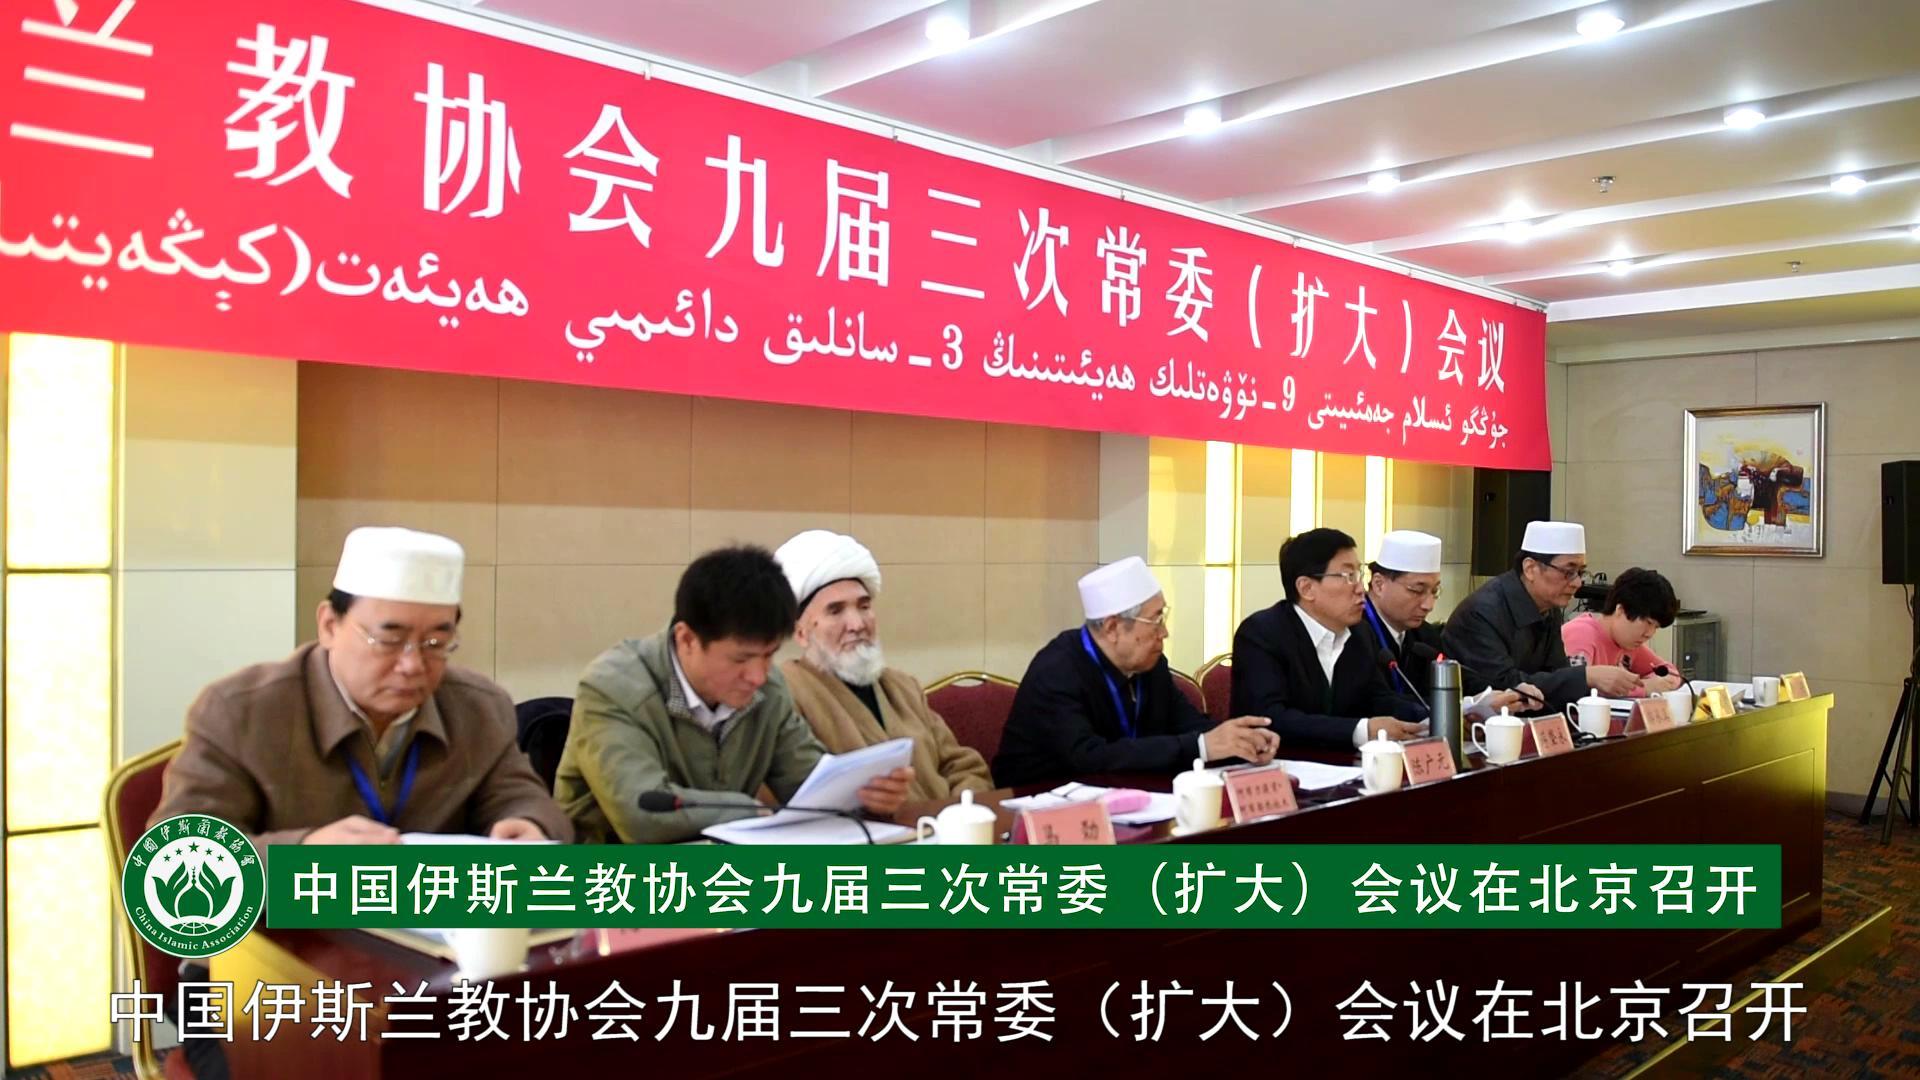 中国伊斯兰教协会九届三次常委(扩大)会议在北京召开